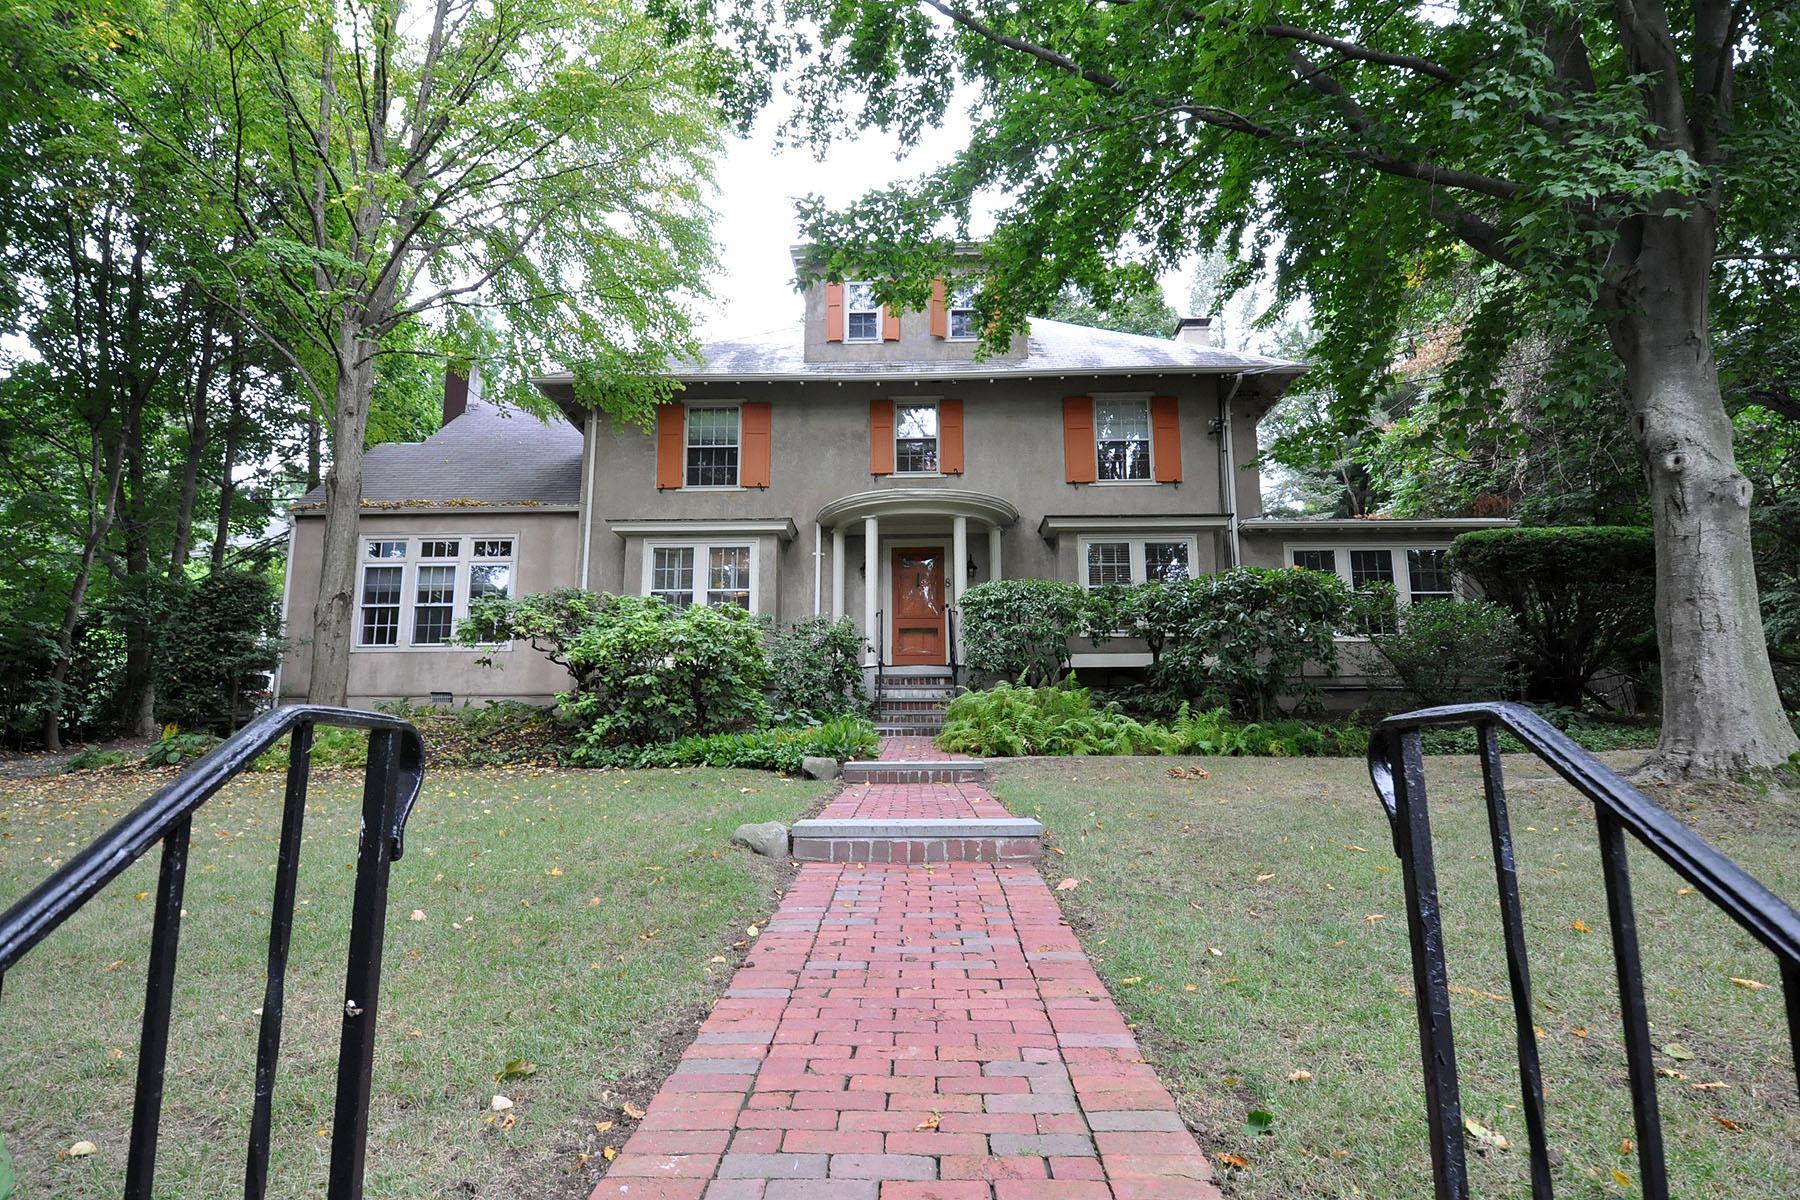 Maison unifamiliale pour l Vente à Exquisite Stucco Home 8 Lee Road Chestnut Hill, Newton, Massachusetts 02467 États-Unis